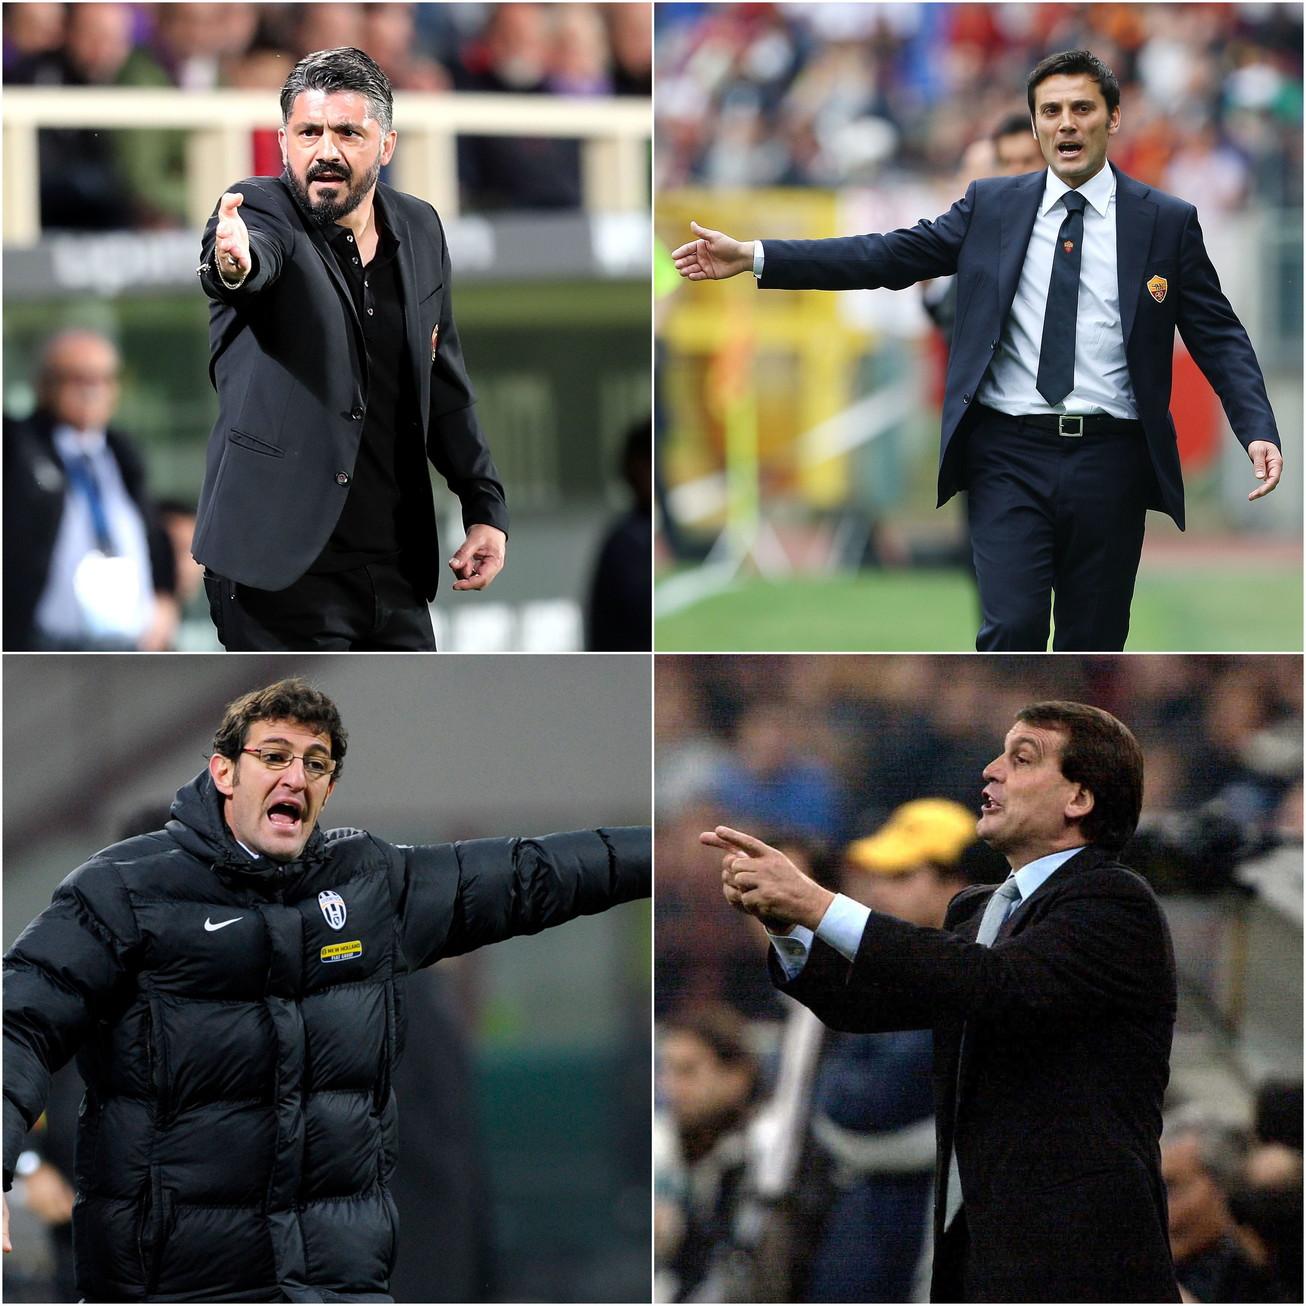 Prendere uno di famiglia non &egrave; sempre una buona idea. Affidare la panchina ad un ex giocatore che ha fatto la storia di quella squadra pu&ograve; rivelarsi una scelta decisamente sbagliata. Lo sa bene il Milan, dove molte leggende sono durate il tempo di un battito di ciglia. Ma anche l&#39;Inter si &egrave; scottata dopo aver riposto la fiducia su un ex nerazzurro, per non parlare del Manchester United...<br /><br />